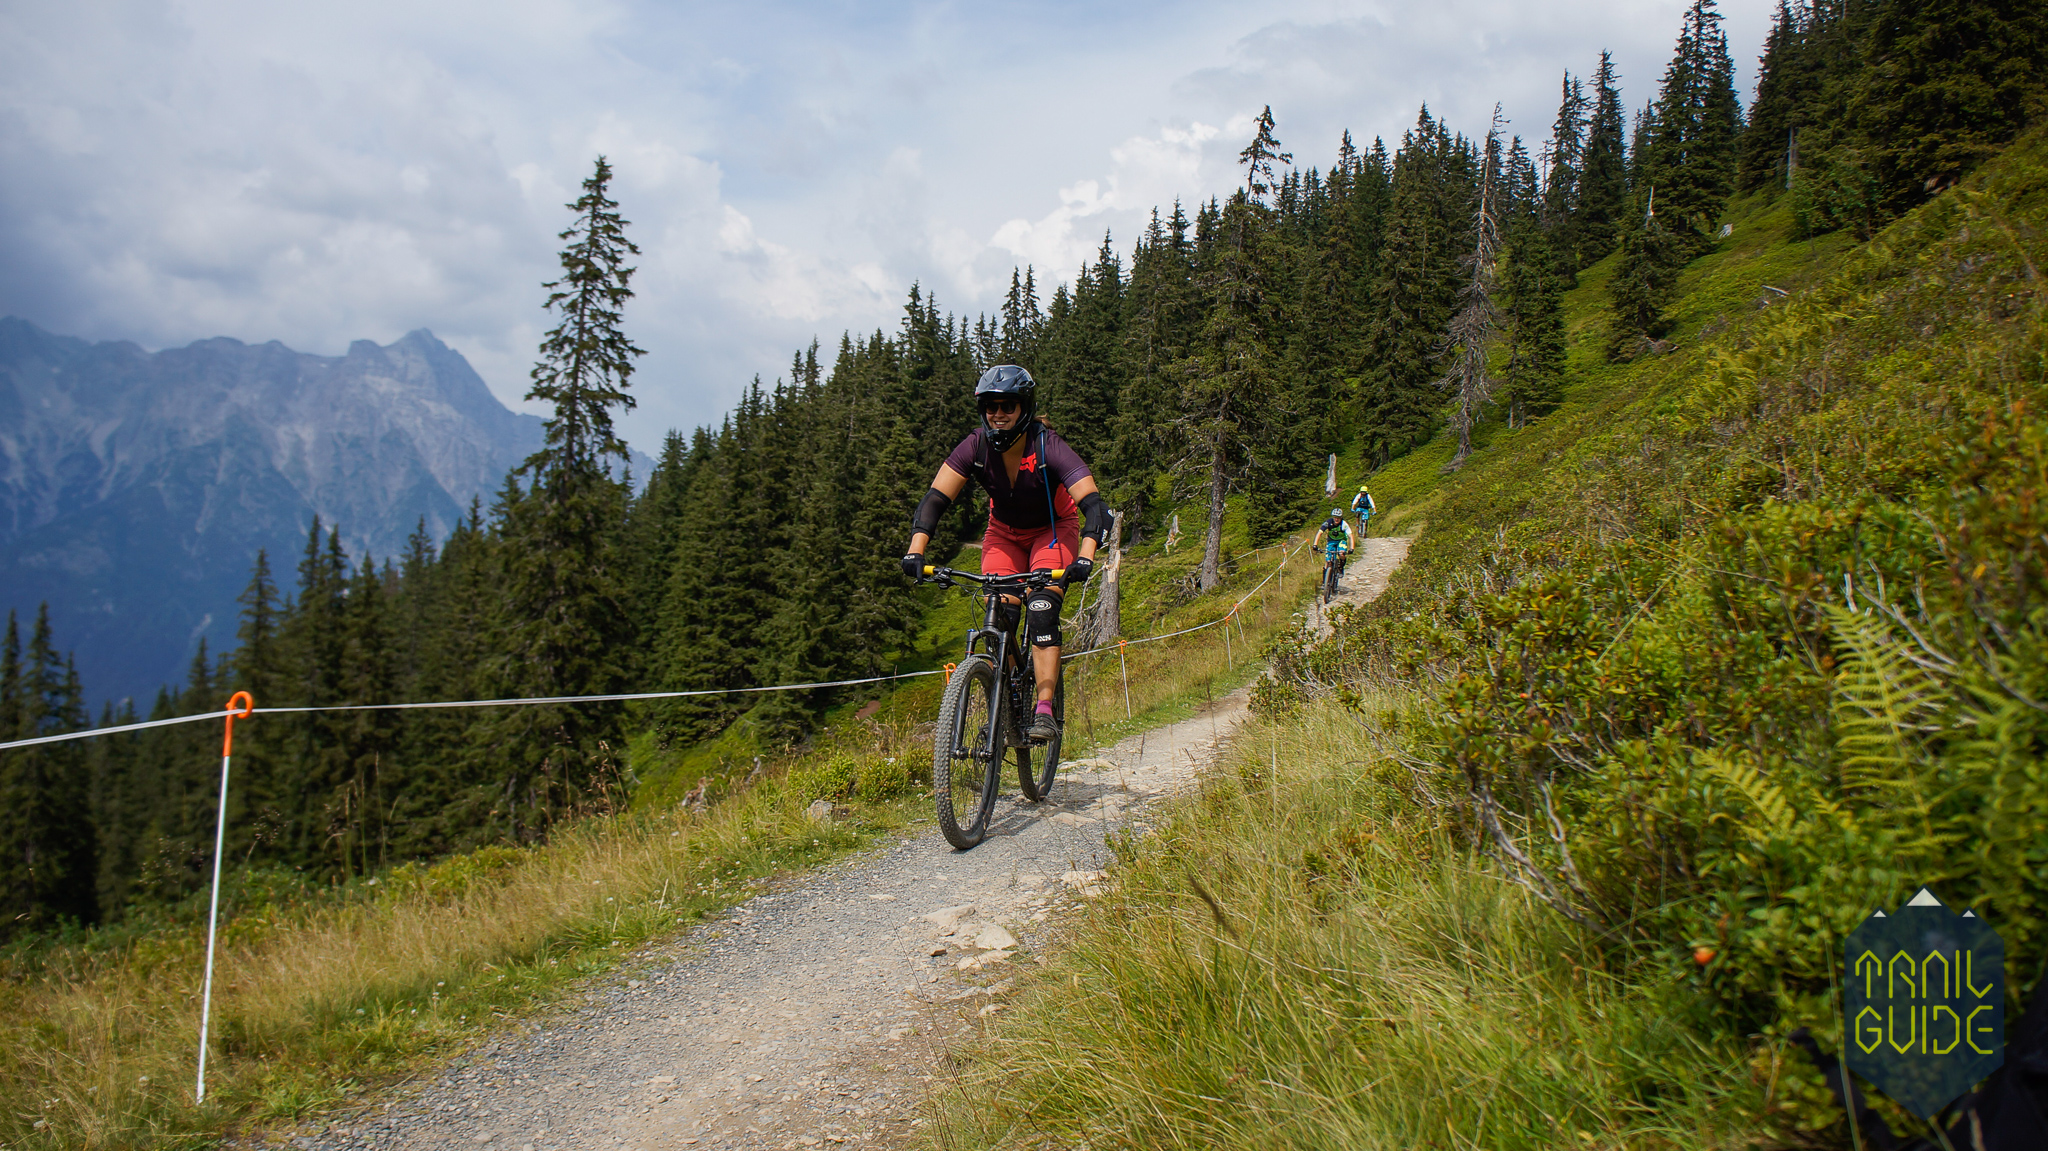 Trail-Guide_Saalbach_trail_r97ple.jpg